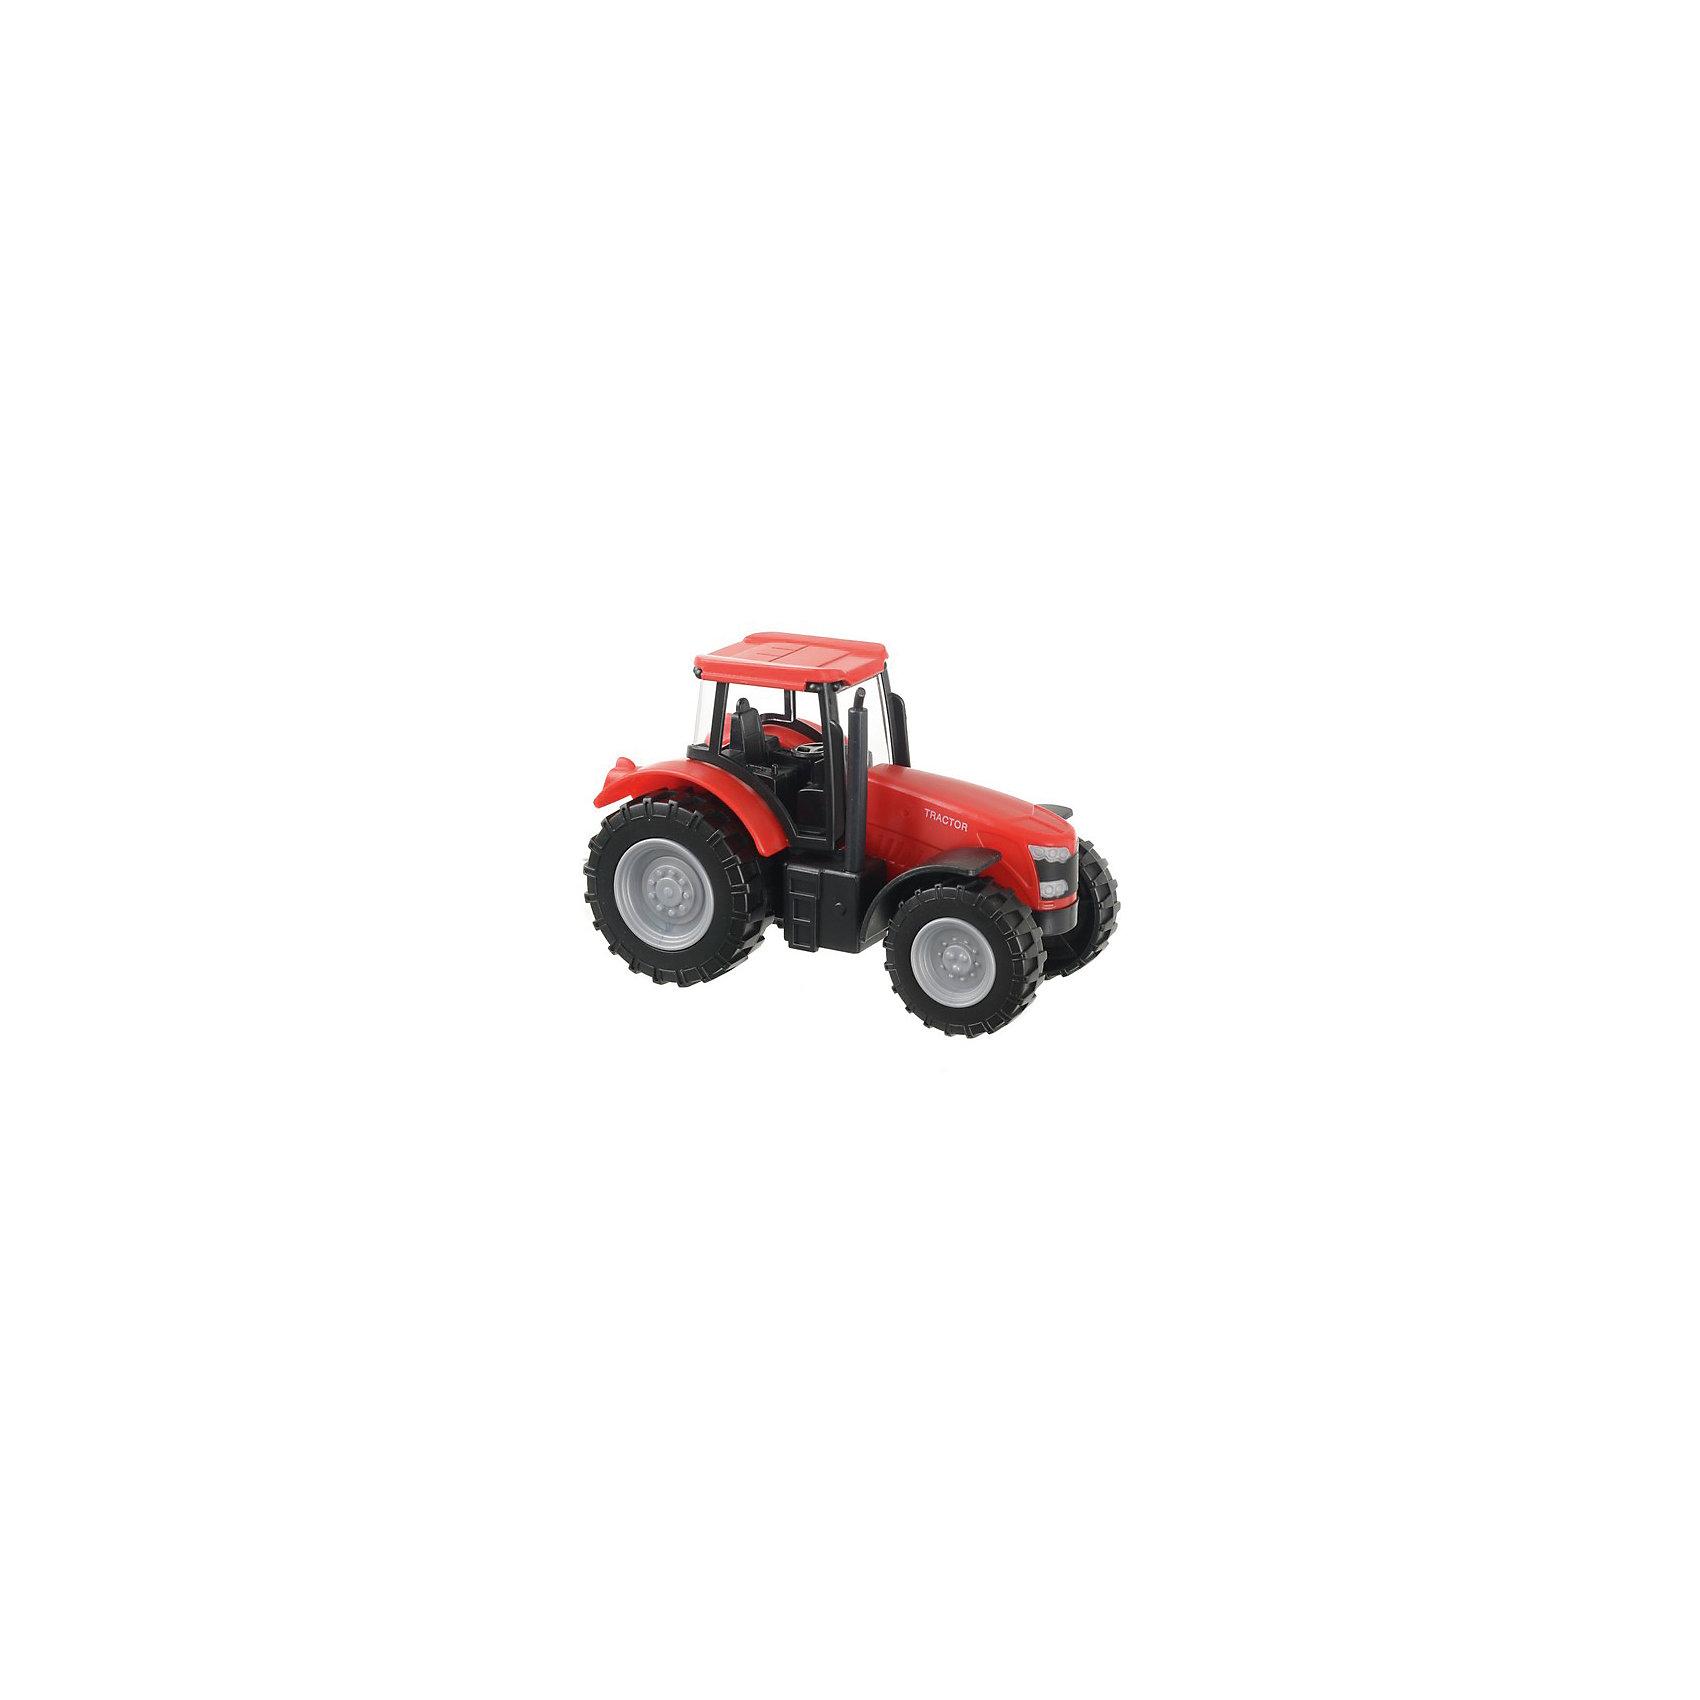 Трактор, HTl GrоuрМашинки<br>У каждого мальчишки должна быть машинка – трактор. Иначе откуда он узнает о его назначении и устройстве? Для родителей же всегда в первую очередь важна безопасность ребенка, а, значит, качество игрушки. Идеальным вариантом для выбора машинок является британский бренд HTI. Высокая степень детализации делает их максимально приближенными к оригиналу.<br>Совсем как настоящий, трактор от HTI рекомендуется детям с 3 лет, но может занять достойное место на полке взрослого коллекционера масштабных моделей. Высокое качество используемых материалов и соответствие строгим европейским стандартам делают игрушку безопасной для ребенка и долговечной. <br>Дополнительная информация:<br><br>Масштаб: 1:32.<br>Материал: пластик.<br>Размер игрушки: 9 х 13.4 х 17.5 см.<br><br>Трактор, HTl Grоuр можно купить в нашем магазине.<br><br>Ширина мм: 18<br>Глубина мм: 9<br>Высота мм: 13<br>Вес г: 160<br>Возраст от месяцев: 36<br>Возраст до месяцев: 96<br>Пол: Мужской<br>Возраст: Детский<br>SKU: 4574044